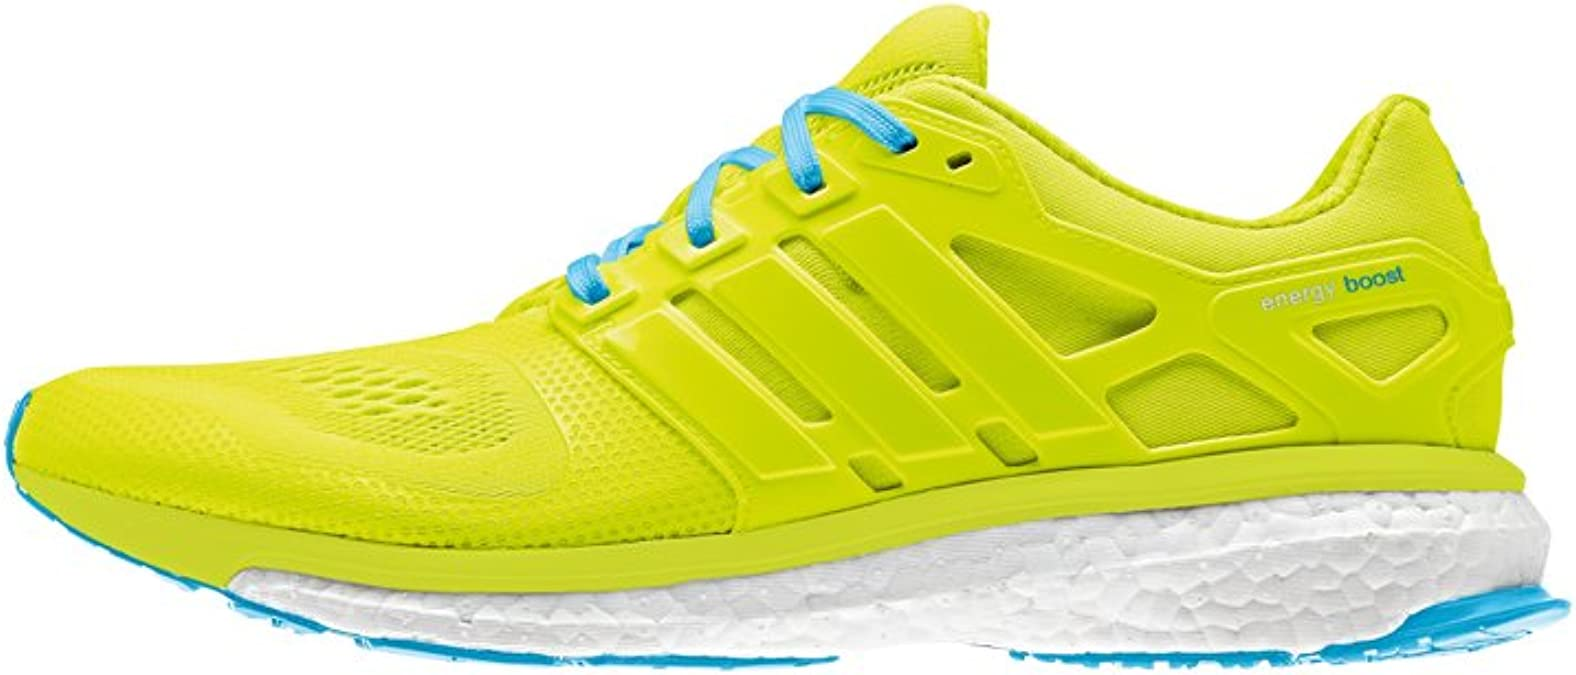 Adidas Energy Boost 2 ESM - Zapatillas de Deporte para Hombre, Color Azul, Talla 47 EU: Amazon.es: Zapatos y complementos